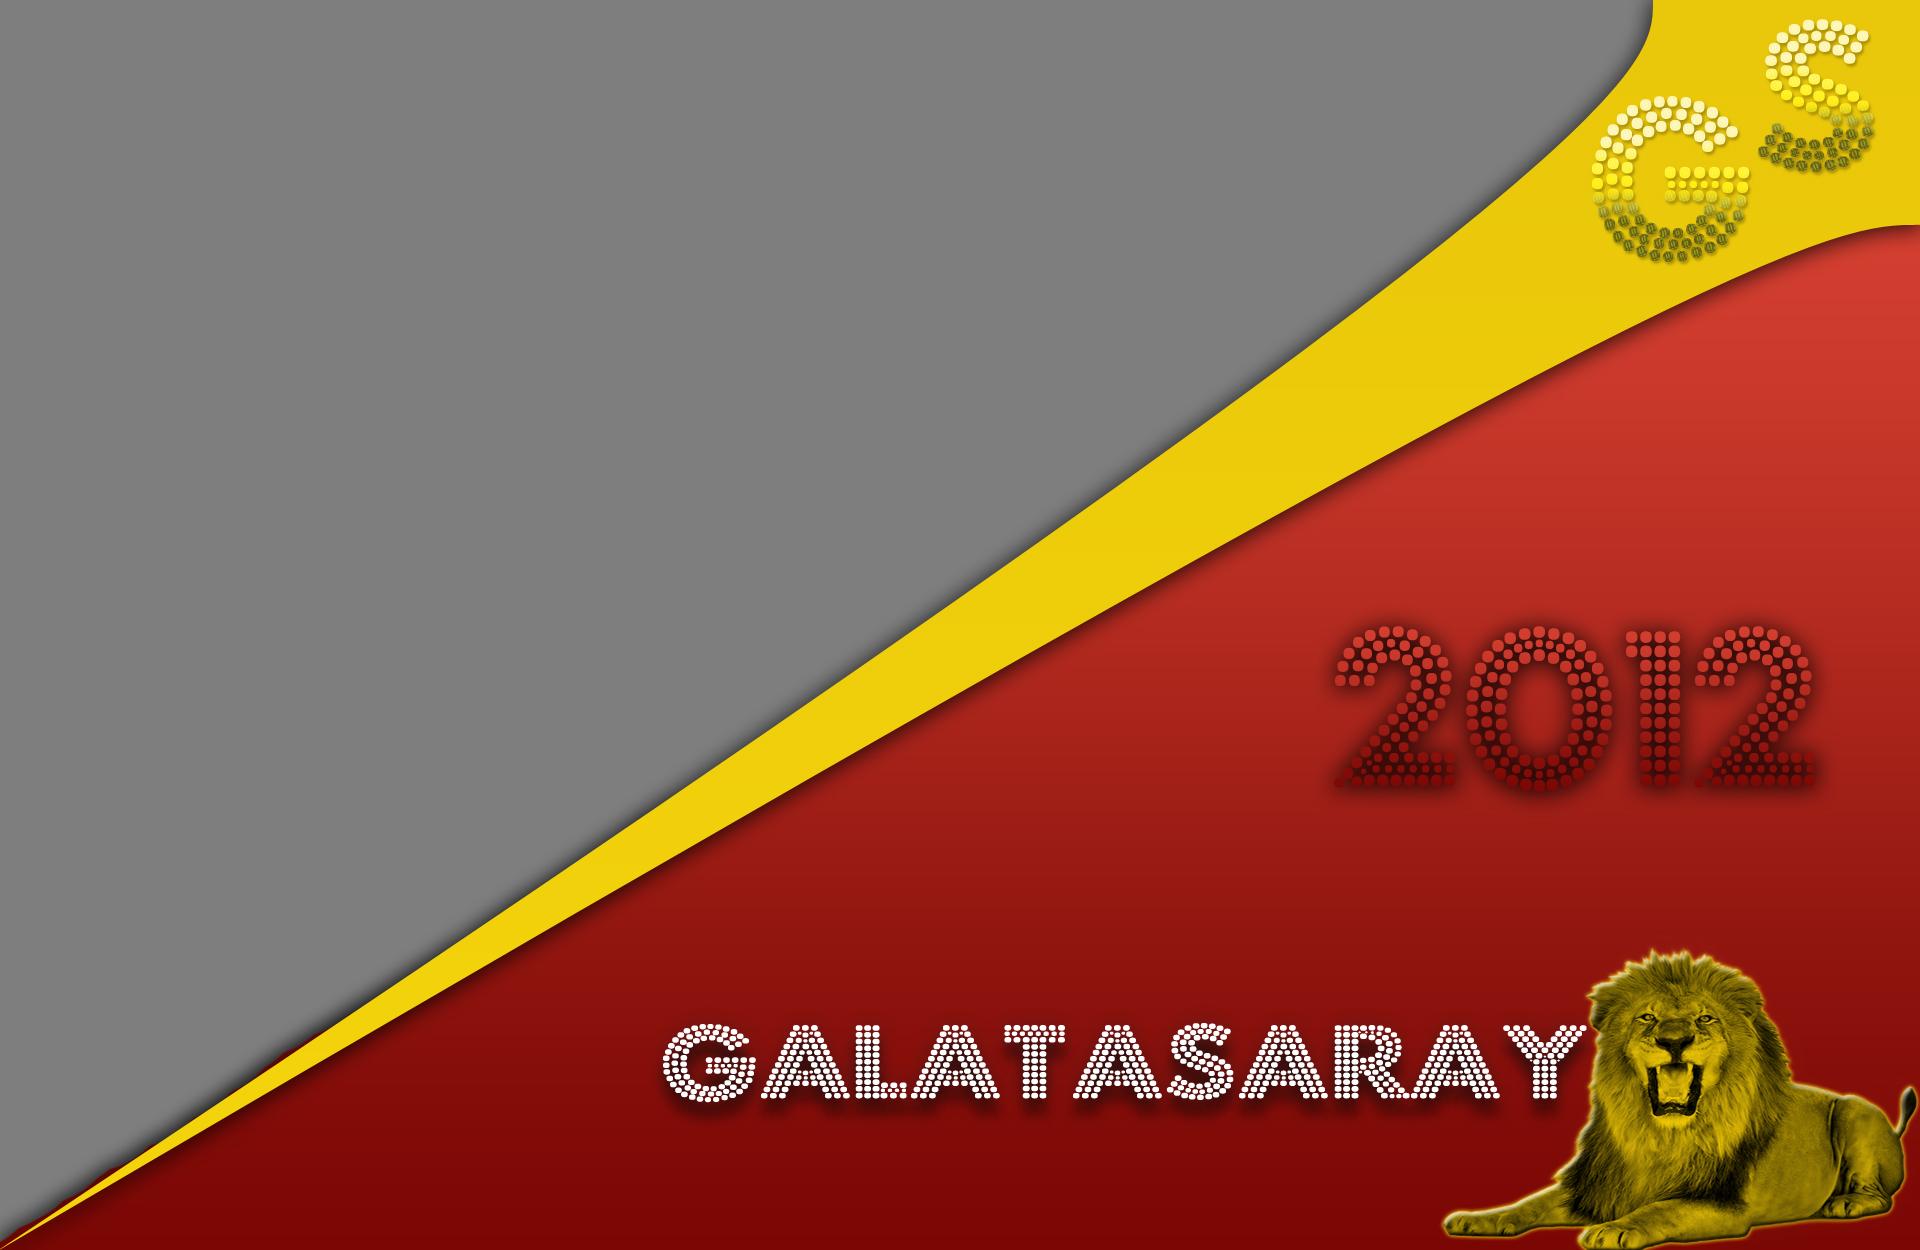 galatasaray wallpaper gs 2012 by gecebilgisayar d4635wo Galatasaray full hd harika masaüstü resimleri